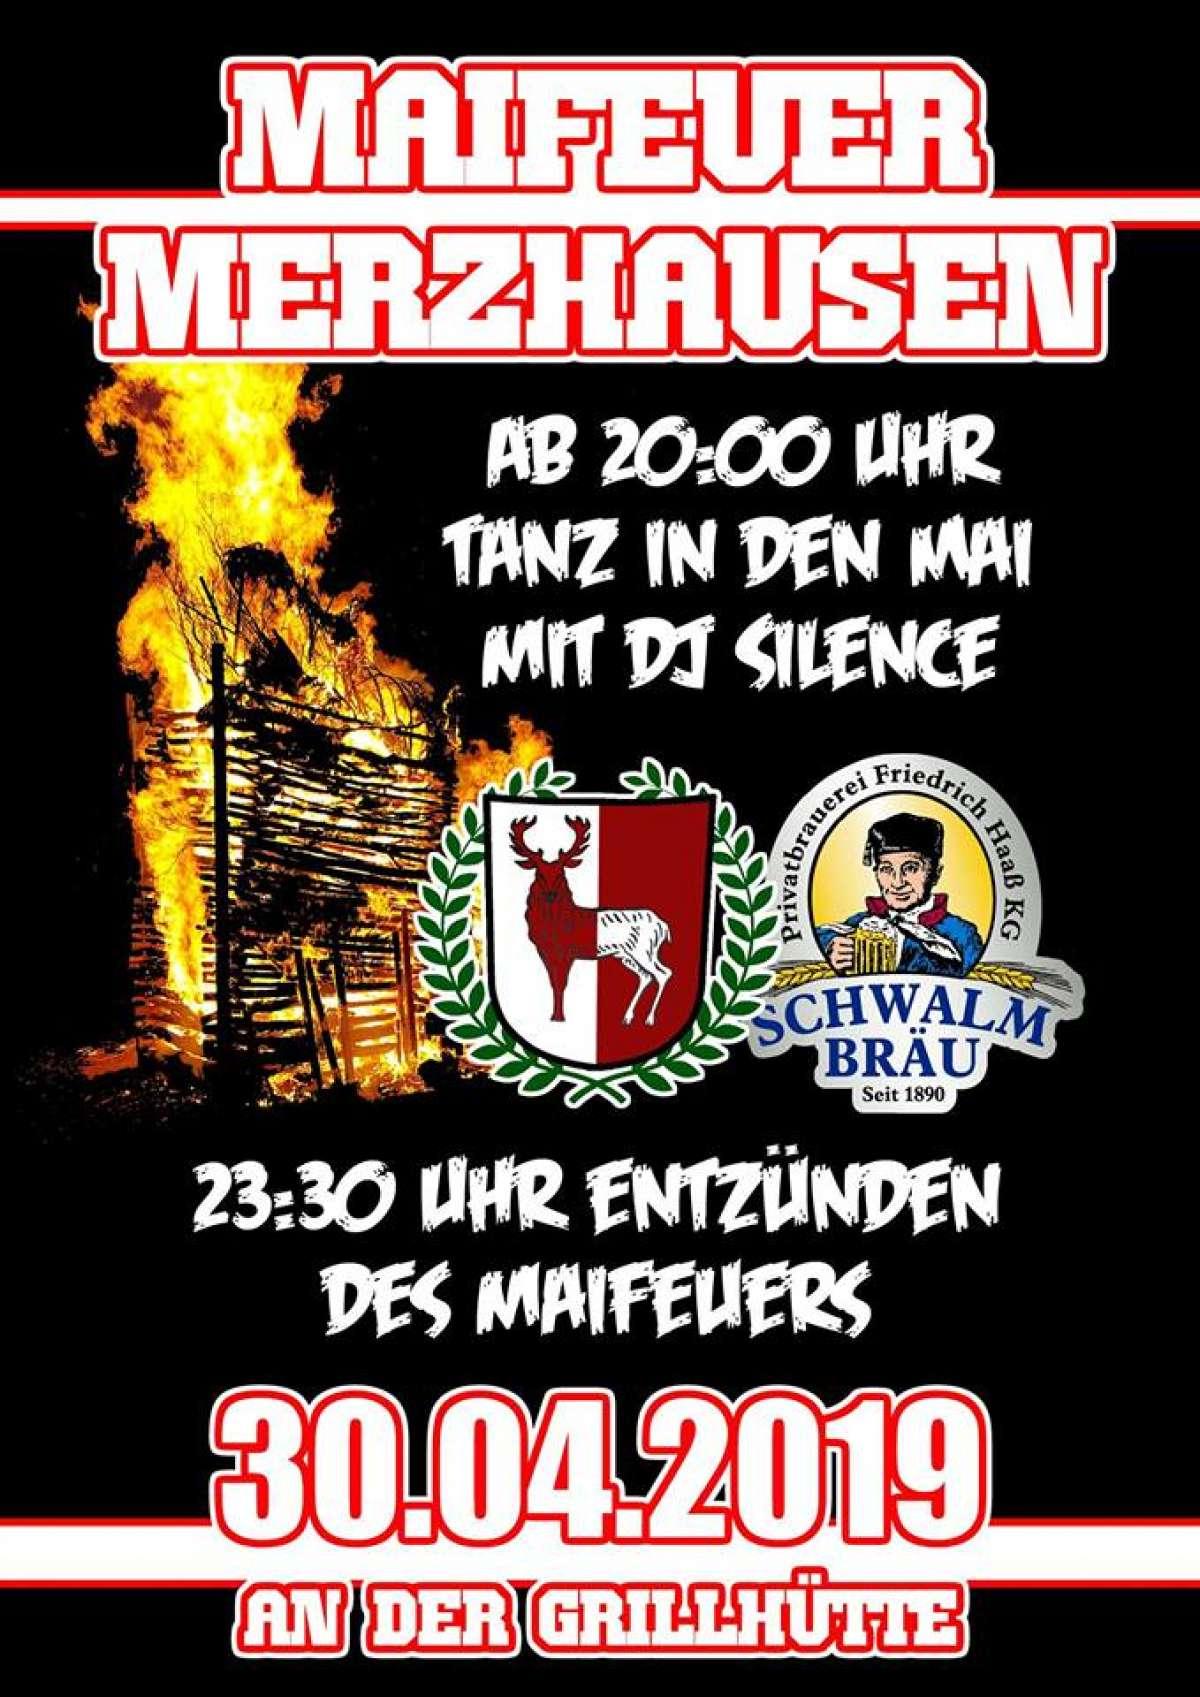 Maifeuer 2019 - Grillhütte  - Merzhausen